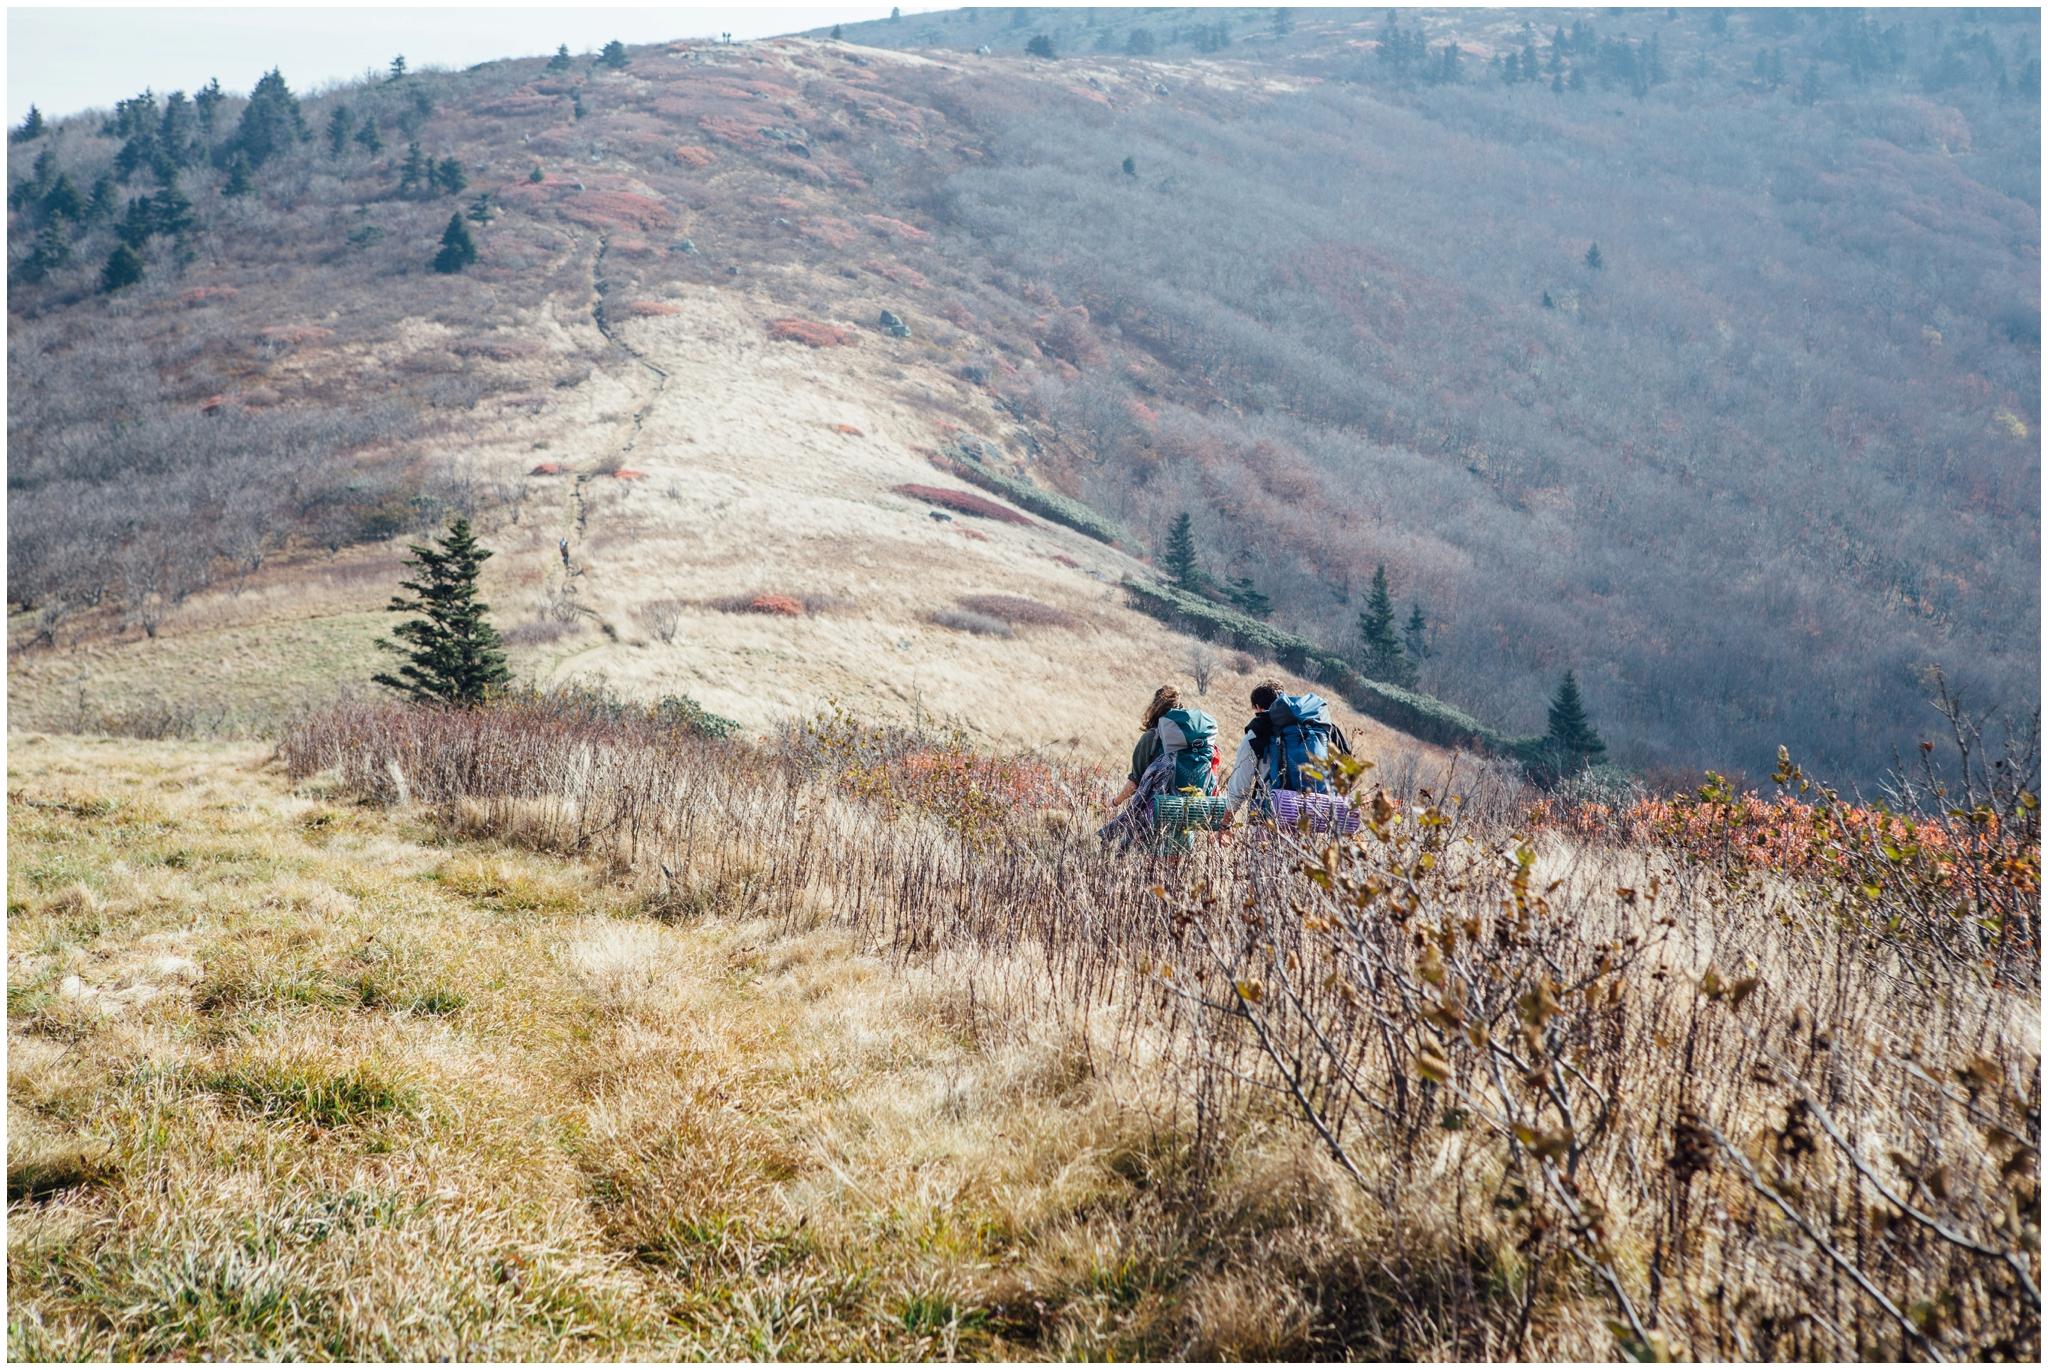 roan-mountain-carvers-gap-appalachian-trail-katy-sergent_0018.jpg